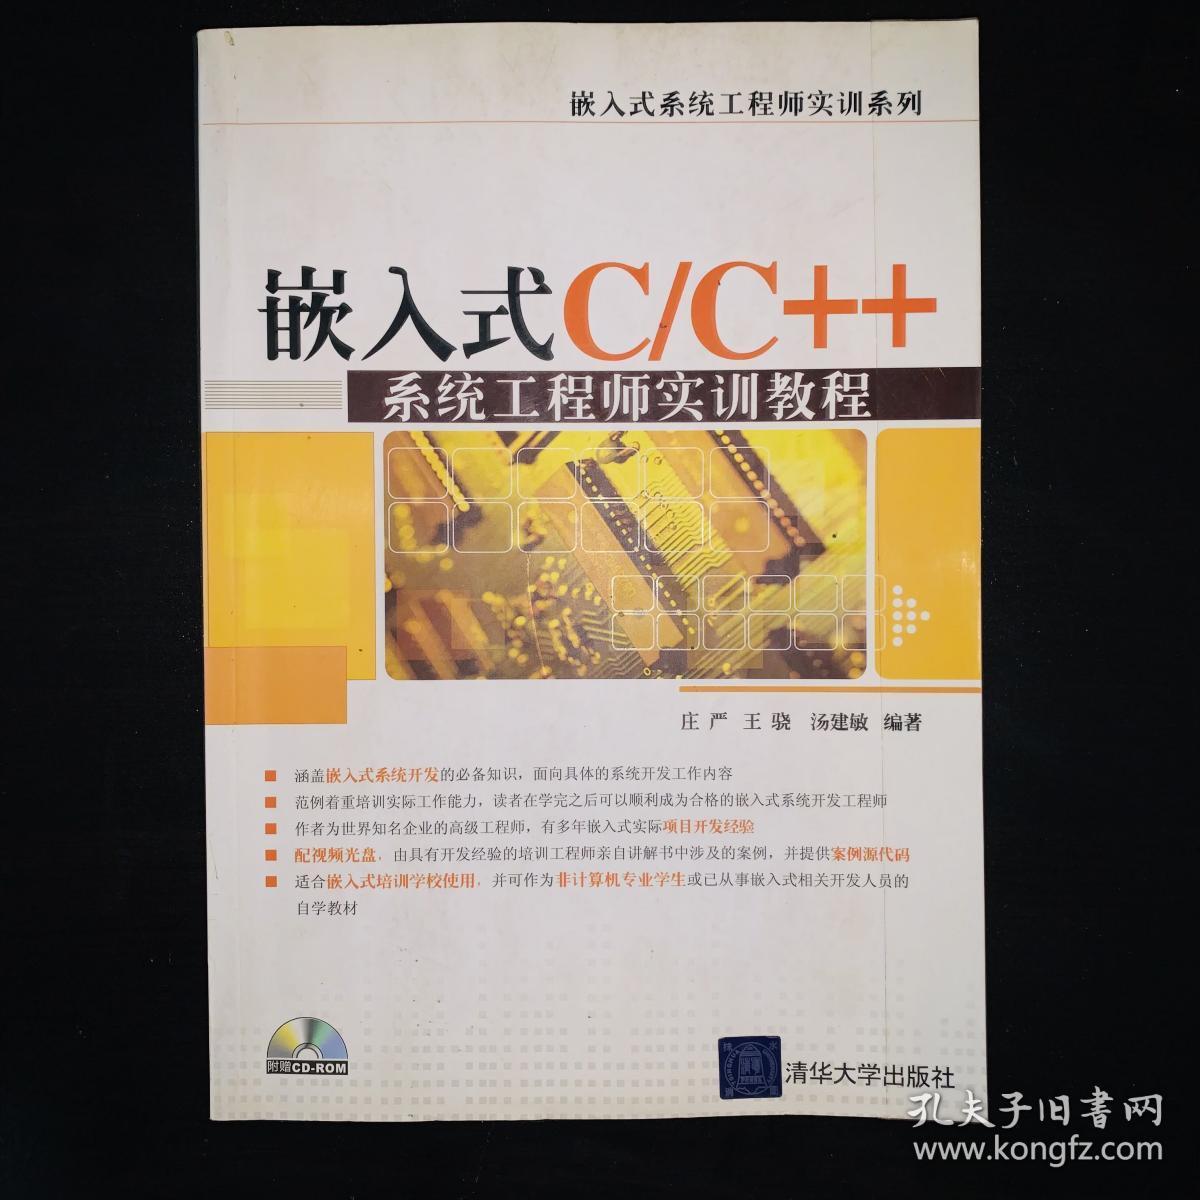 嵌入式C/C++系统工程师实训教程